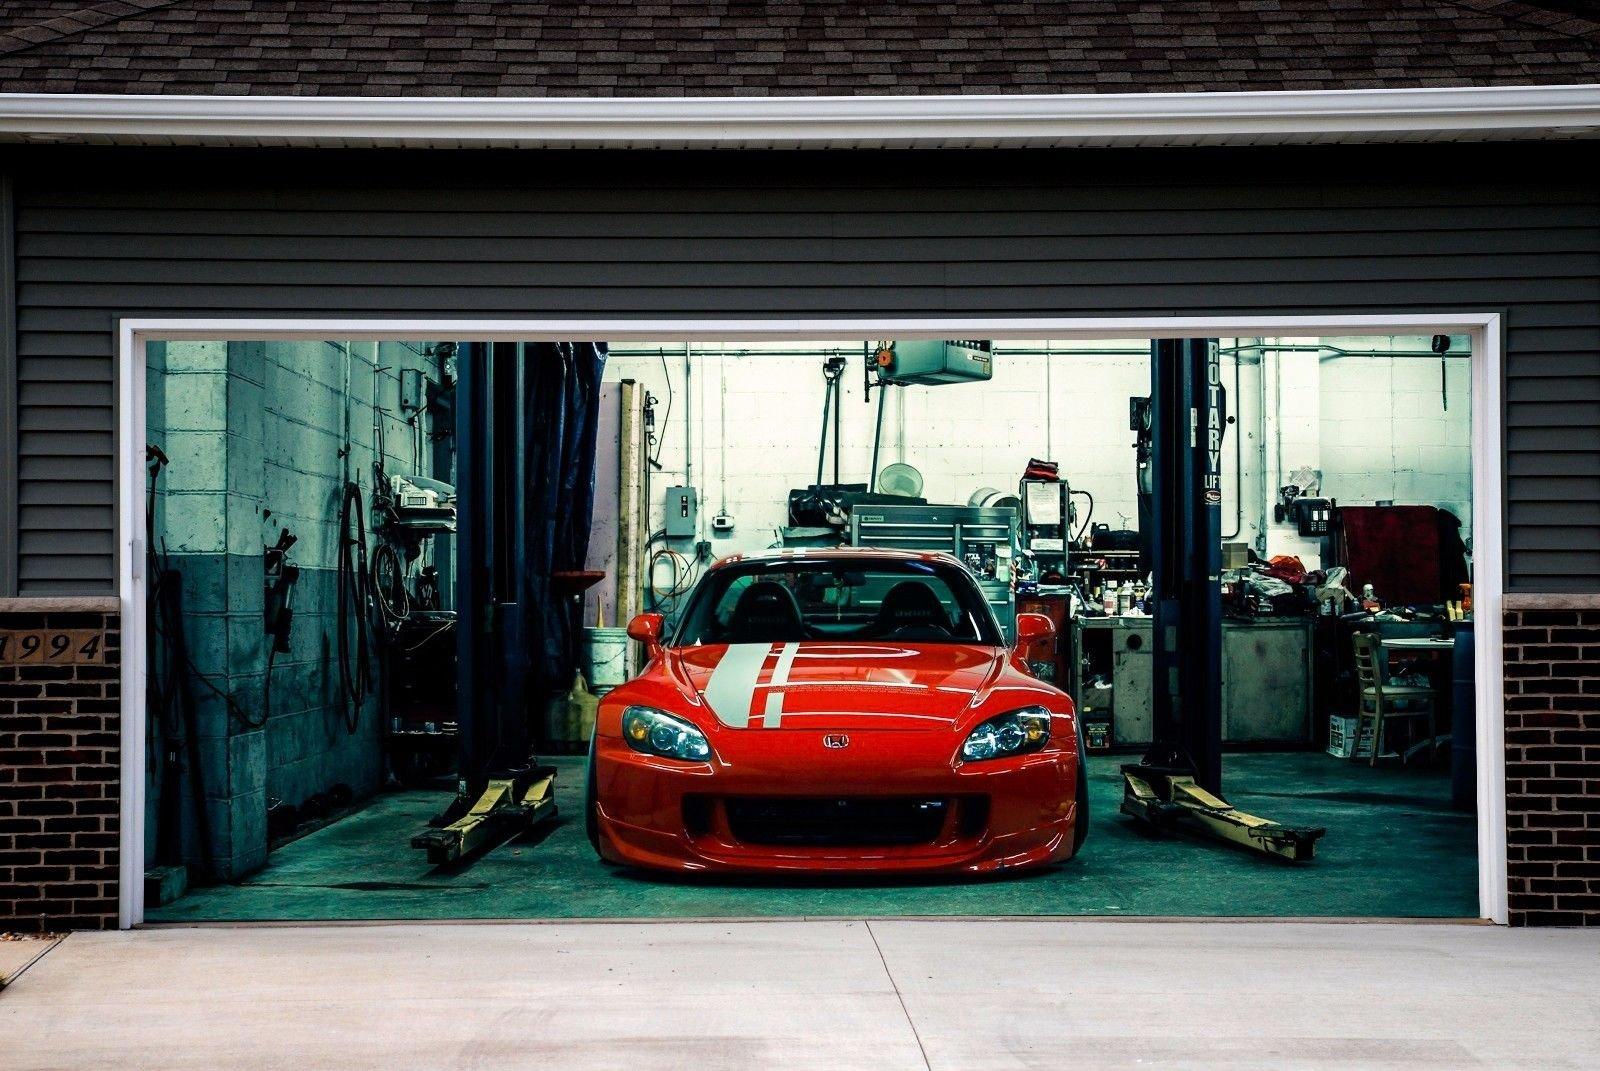 Sport Car Cover for Garage Door 3D Print Effect Murals Outdoor Banner for 2 Garage Door Decor size 82x188 Dav104